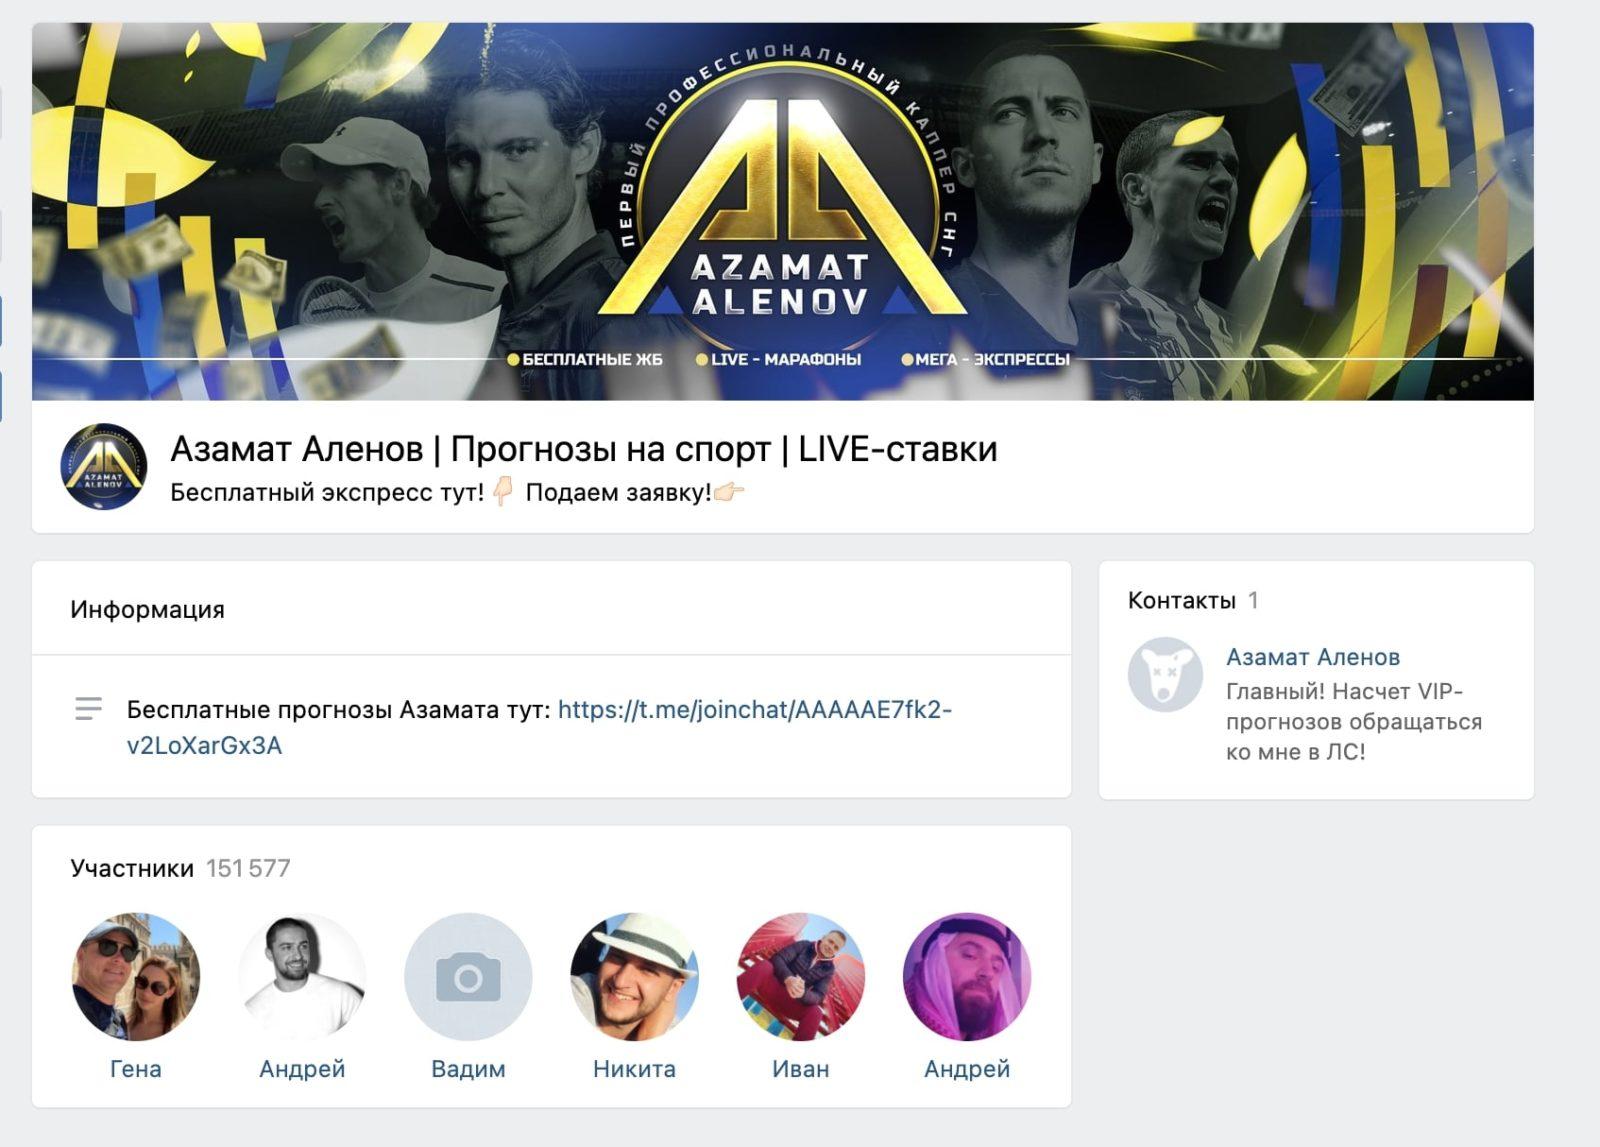 Первая группа ВК Азамата Аленова (Azamat Alenov)